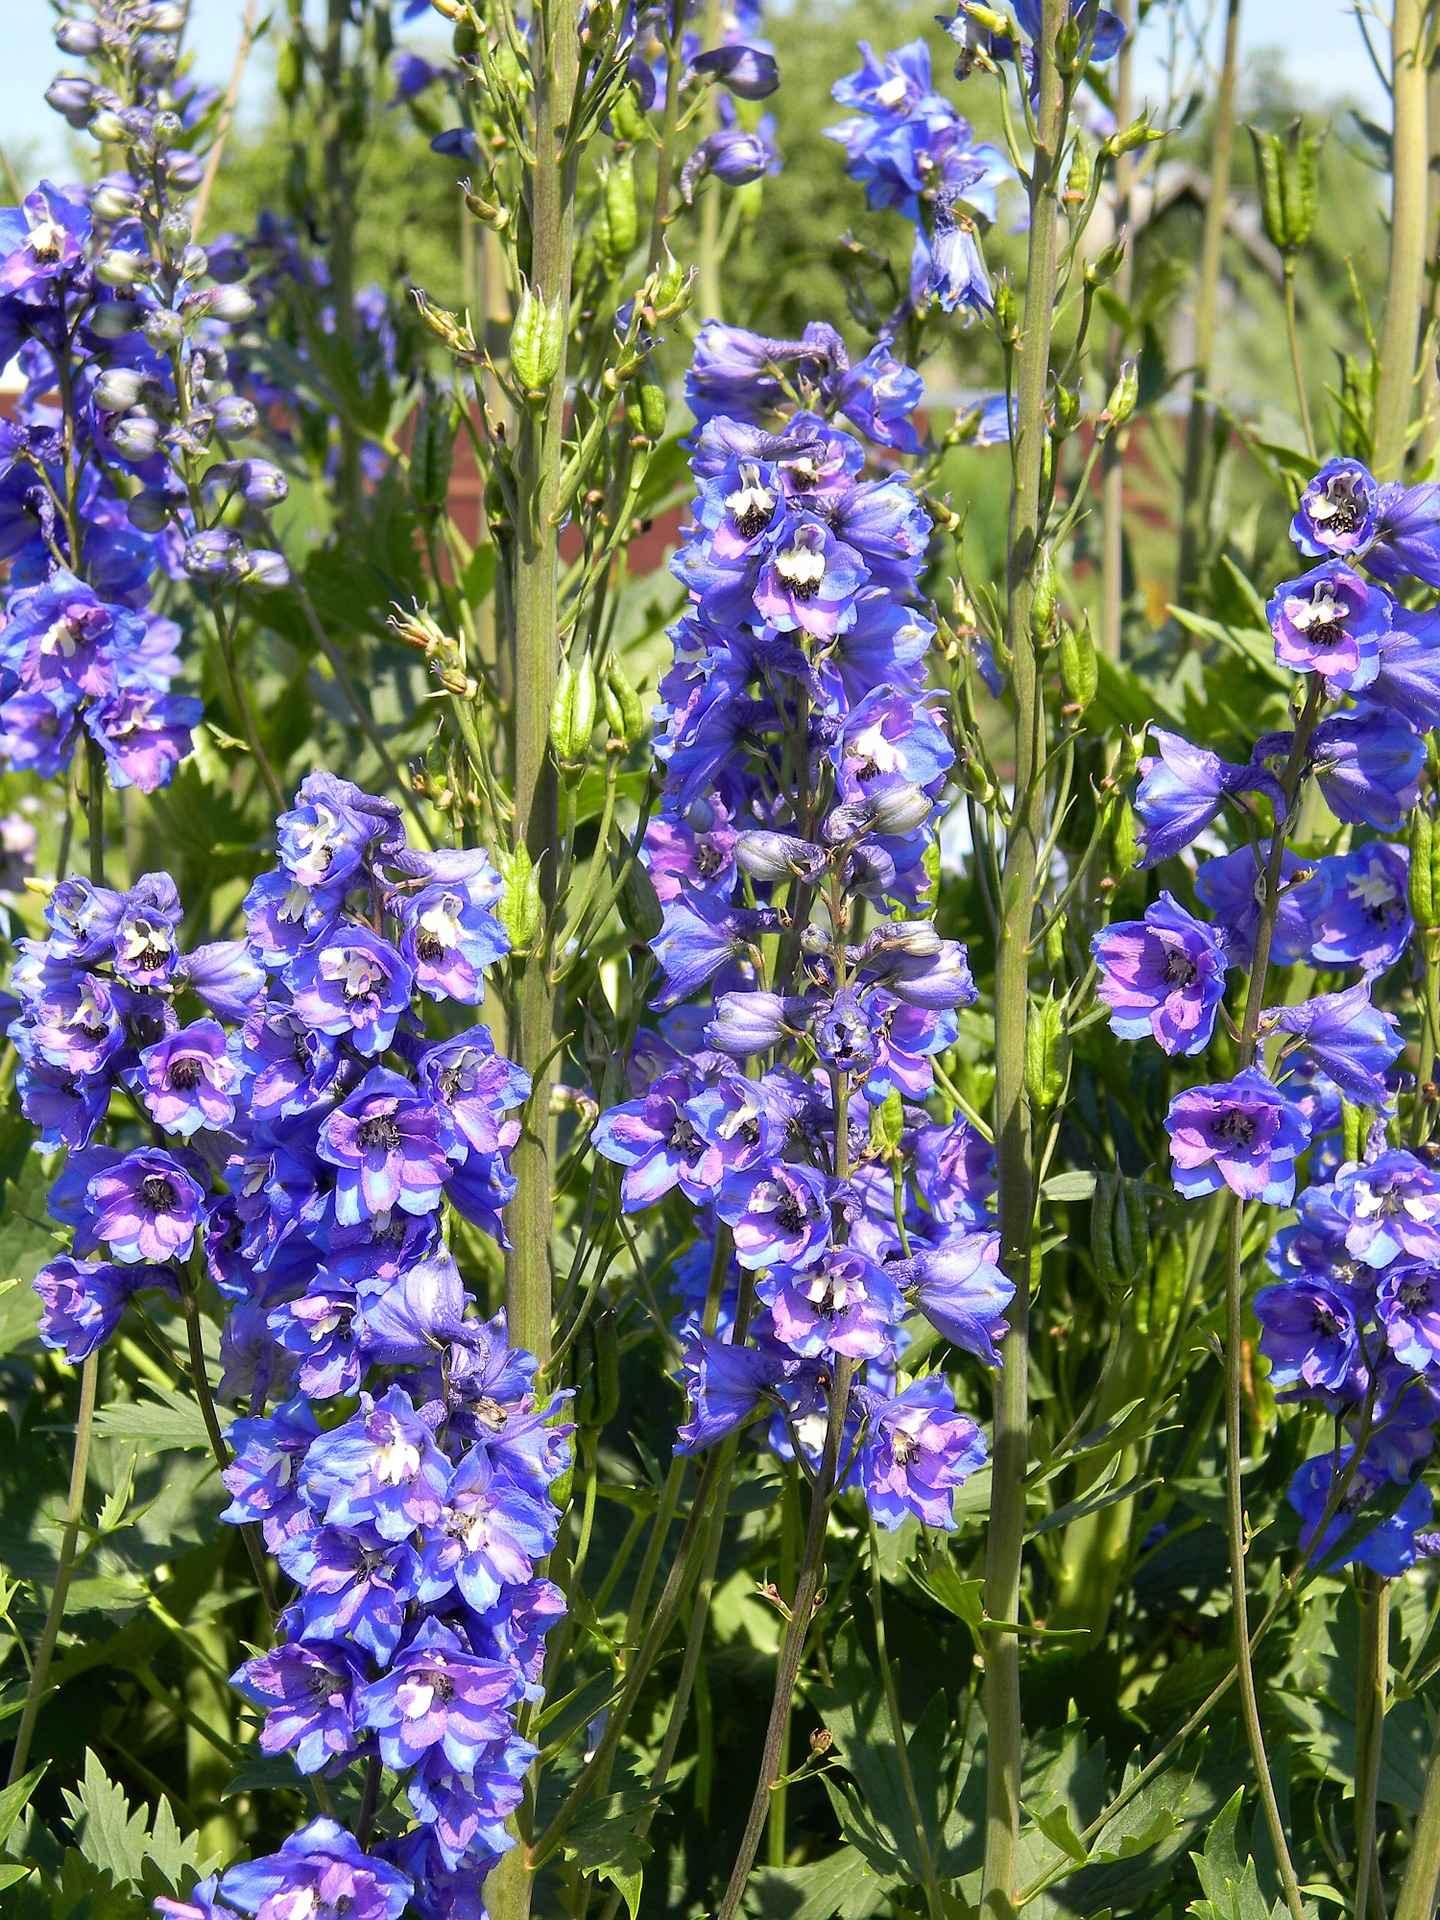 Delphinium ou pied d 39 alouette planter semer entretenir for Promesse de fleurs